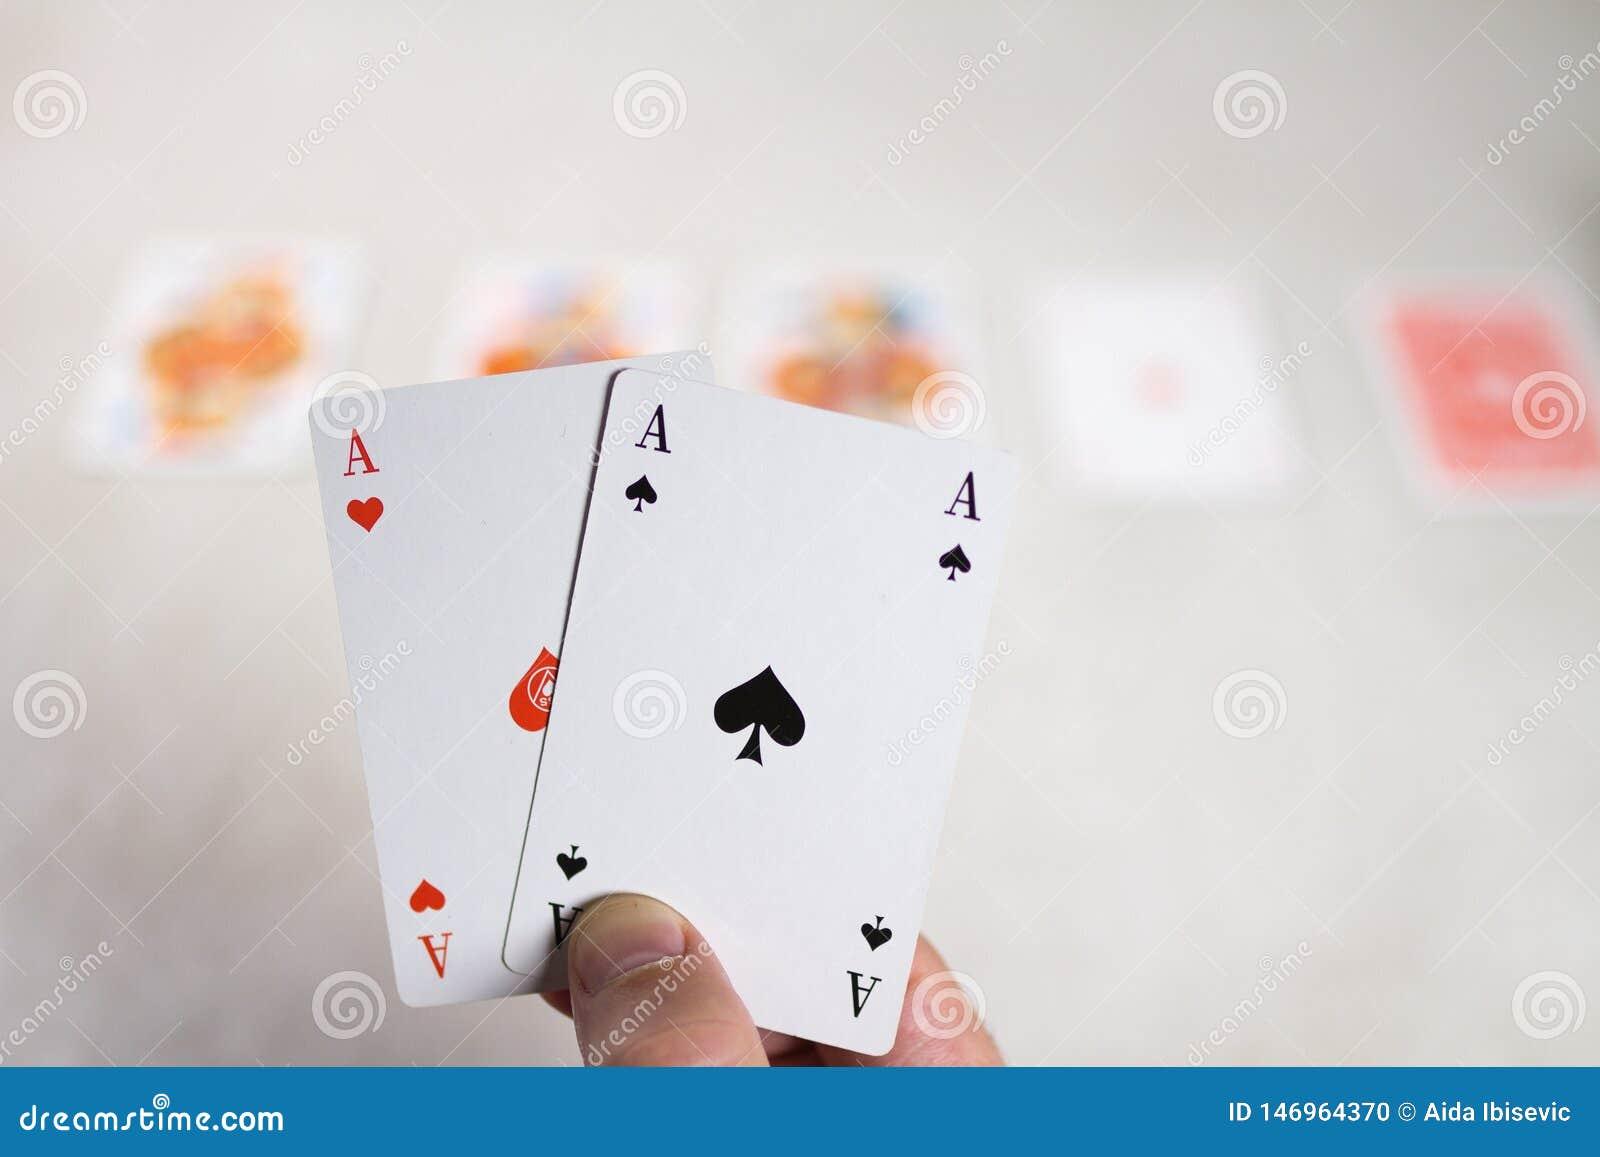 Εκμετάλλευση δύο χεριών άσσοι μπροστά από άλλες κάρτες